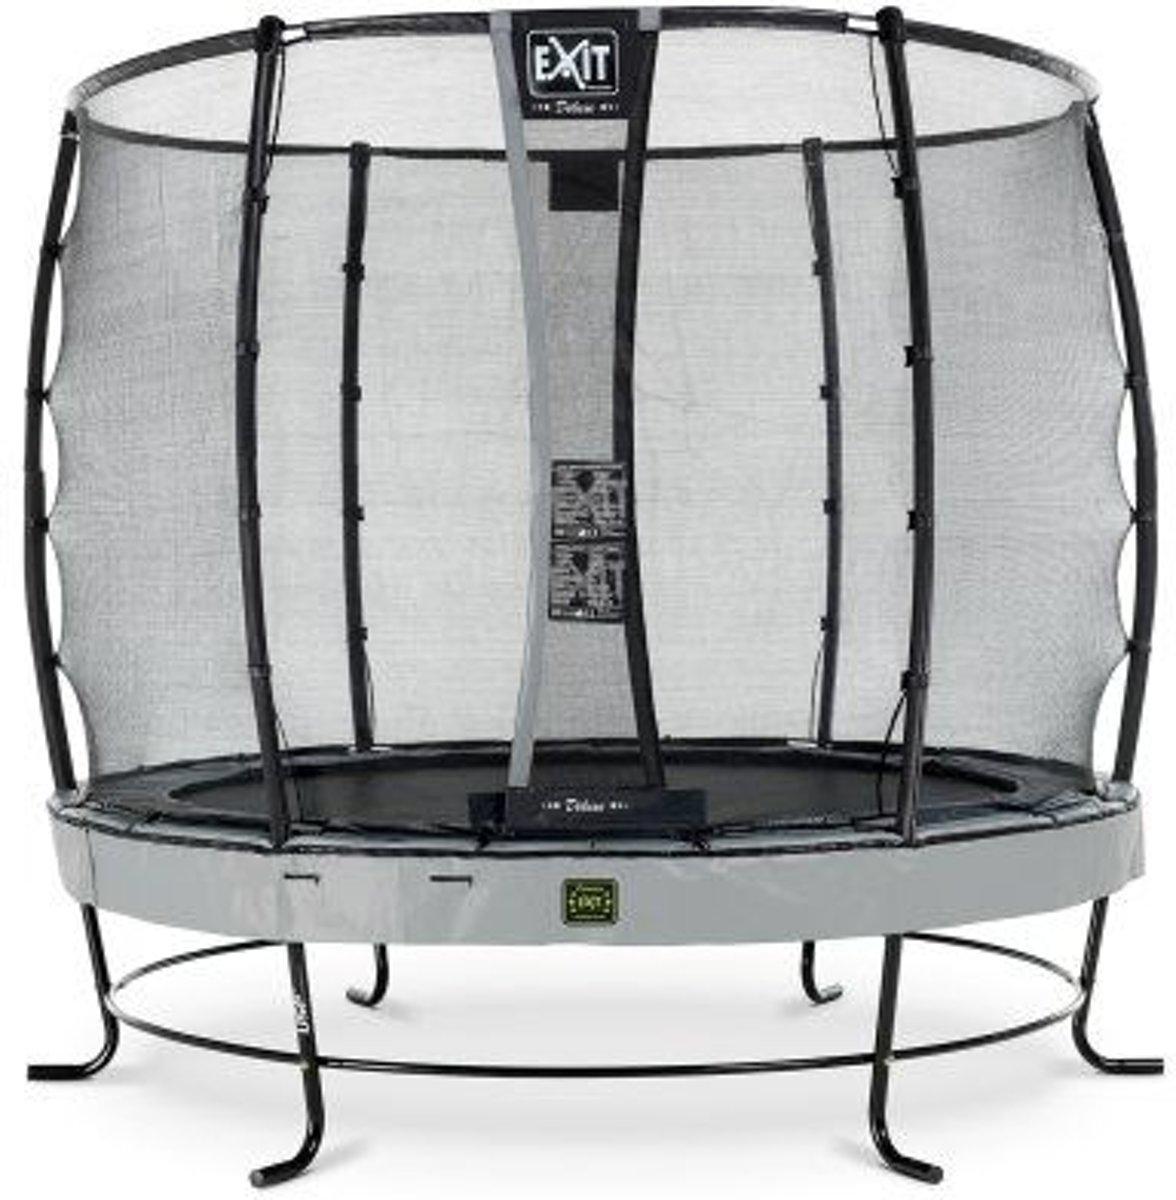 EXIT Elegant trampoline ø305cm met veiligheidsnet Deluxe - grijs